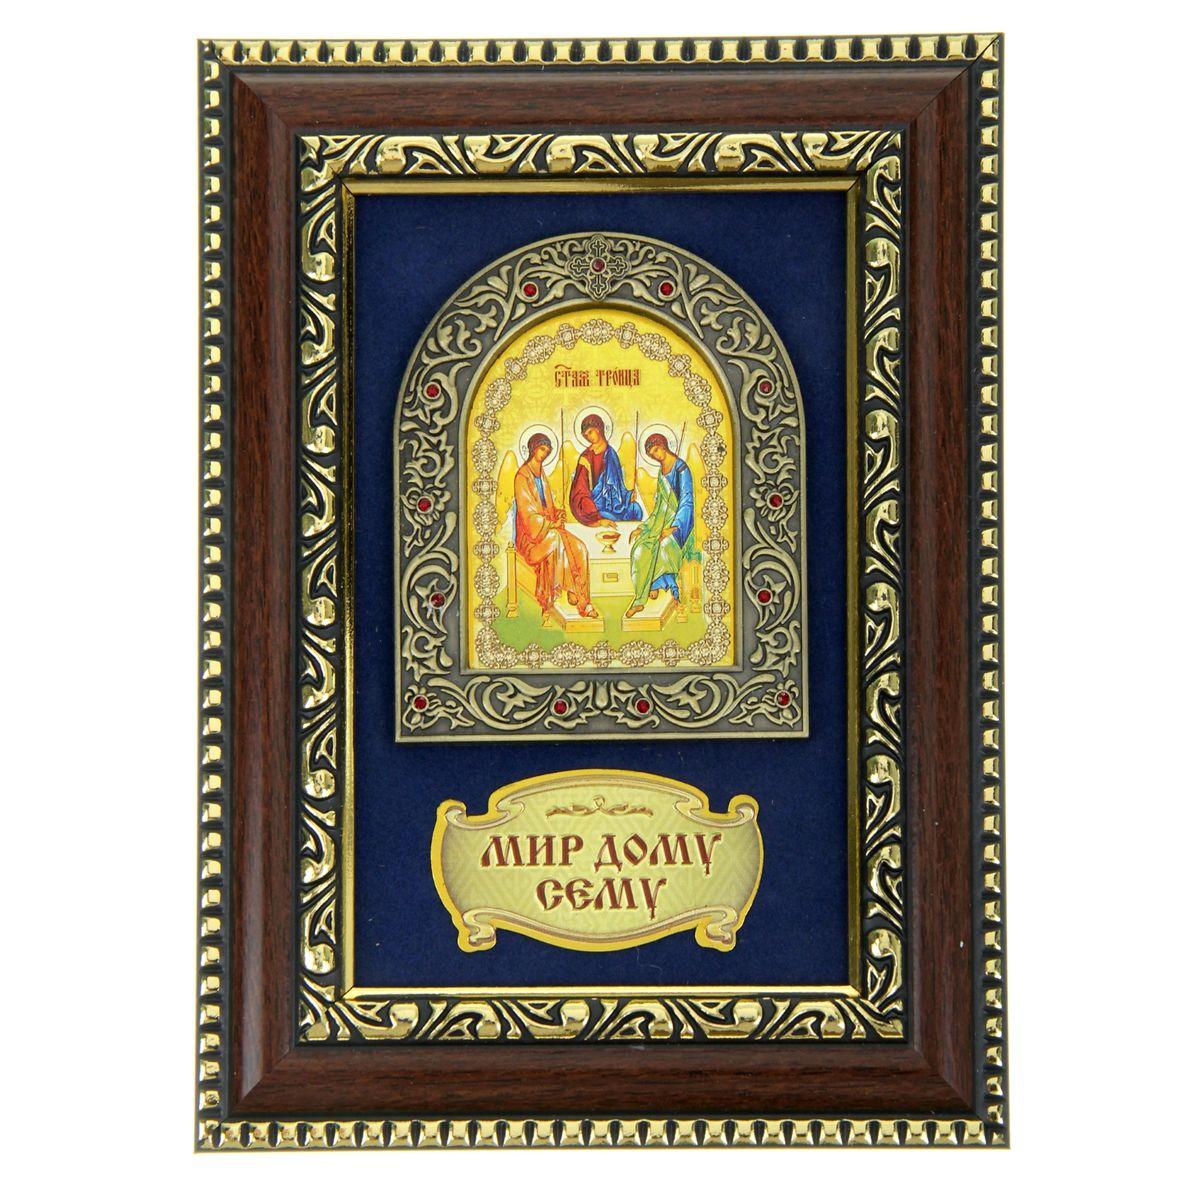 Панно-икона Святая Троица, 14,5 см х 19,5 см871077Панно-икона Святая Троица представляет собой небольшую икону, размещенную на картонной подложке синего цвета. Ниже расположена табличка с надписью Мир дому сему. Икона обрамлена в металлическую рамку, украшенную изысканным рельефом и инкрустированную мелкими красными стразами. Рамка для панно с золотистым узорным рельефом выполнена из дерева. Панно можно подвесить на стену или поставить на стол, для чего с задней стороны предусмотрена специальная ножка. Любое помещение выглядит незавершенным без правильно расположенных предметов интерьера. Они помогают создать уют, расставить акценты, подчеркнуть достоинства или скрыть недостатки. Не бывает незначительных деталей. Из мелочей складывается образ человека и стиль интерьера. Панно-икона Святая Троица - одна из тех деталей, которые придают дому обжитой вид и создают ощущение уюта.